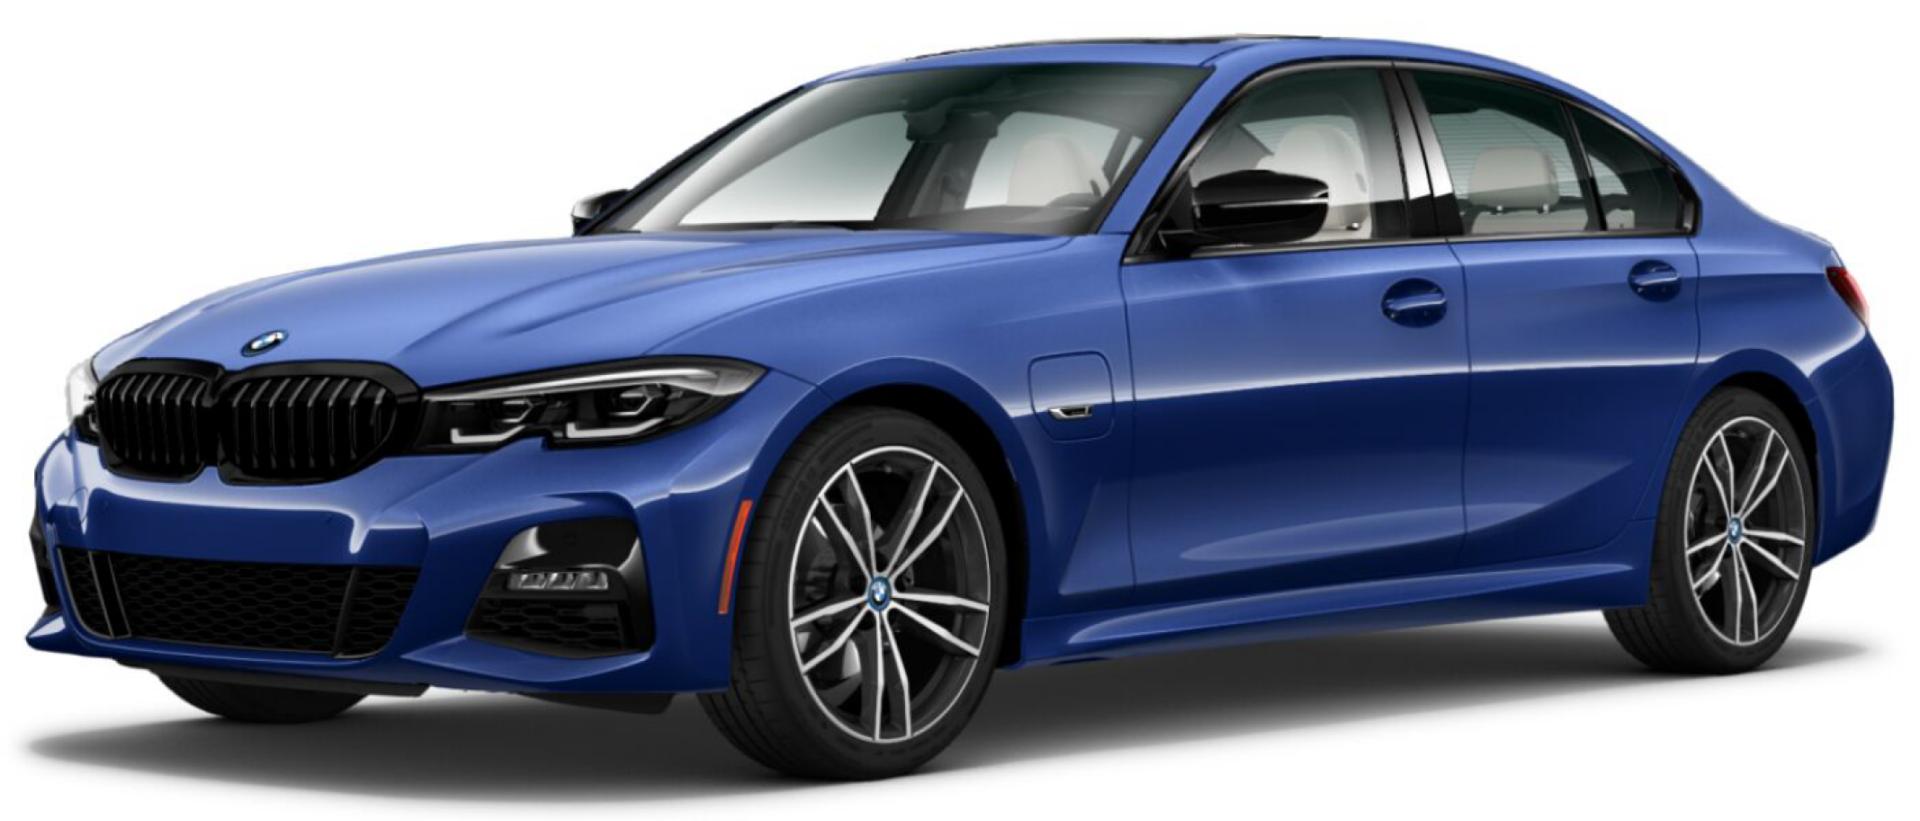 Electrified BMW 330e Plug-in Hybrid Sedan